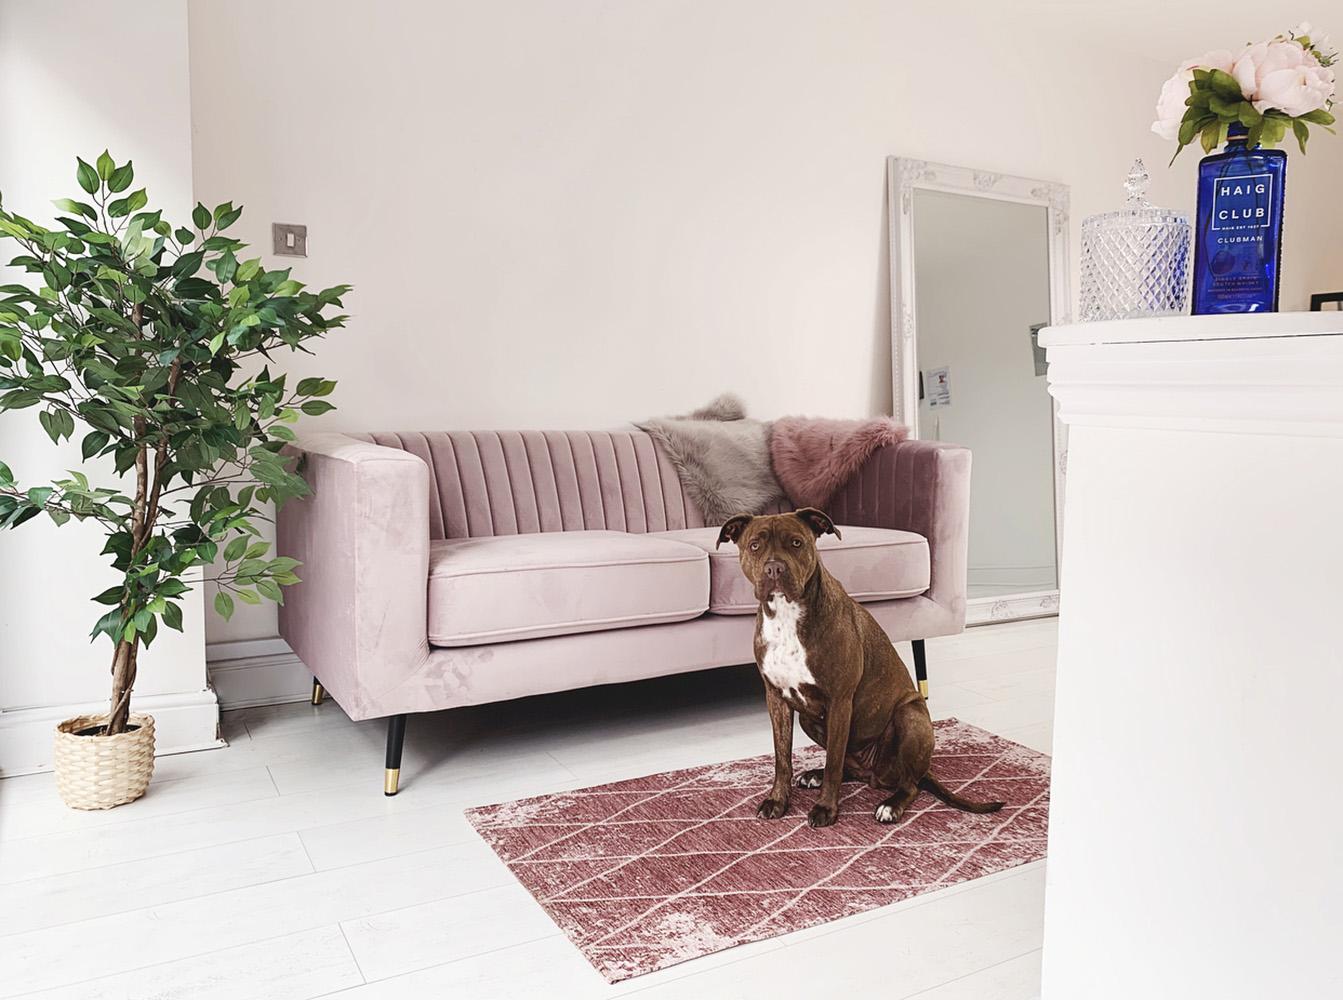 Rosa Slender-Sofa in einem geräumigen Wohnzimmer